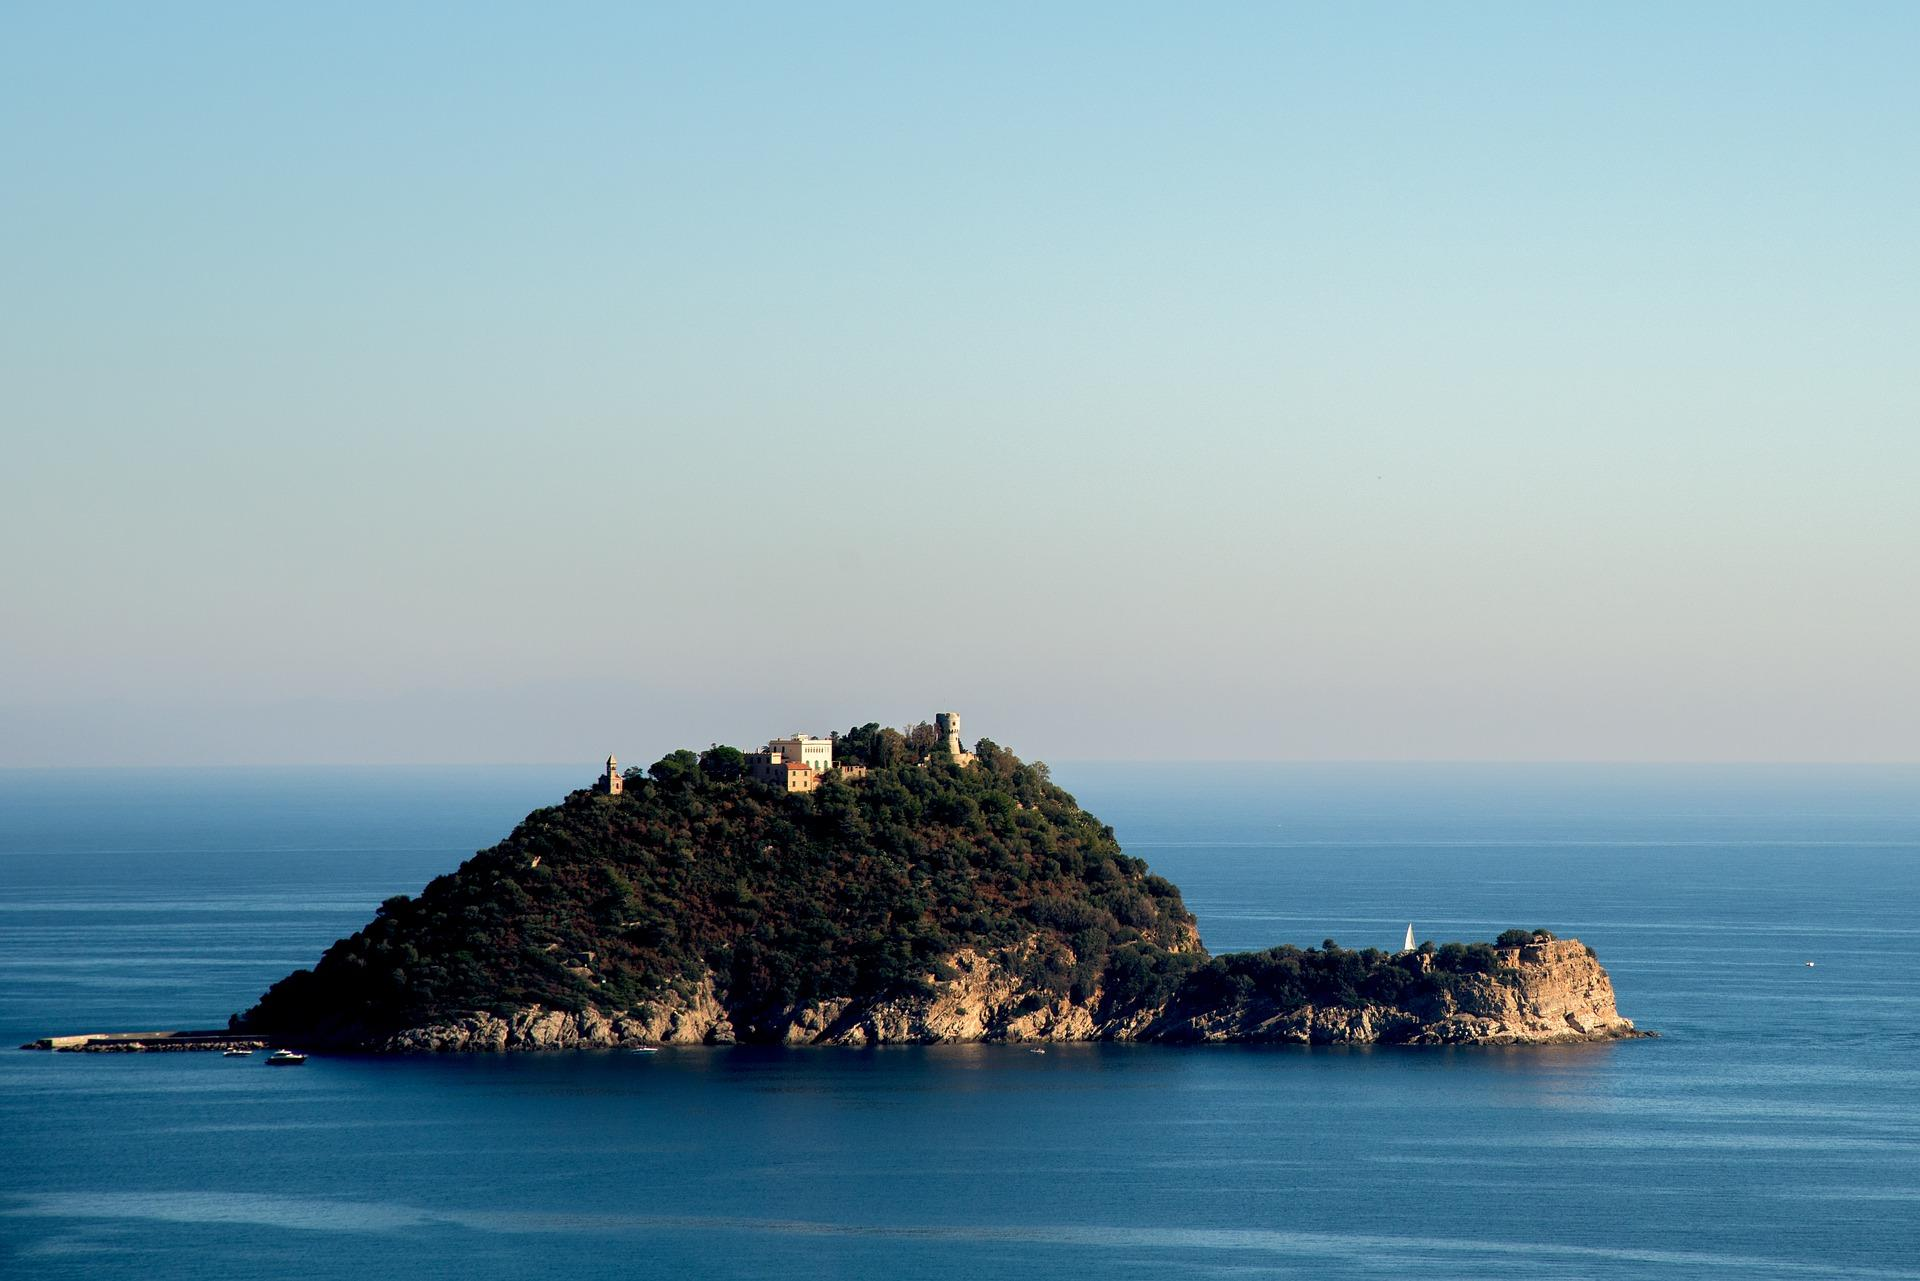 Сын украинского олигарха обзавёлся собственным островом